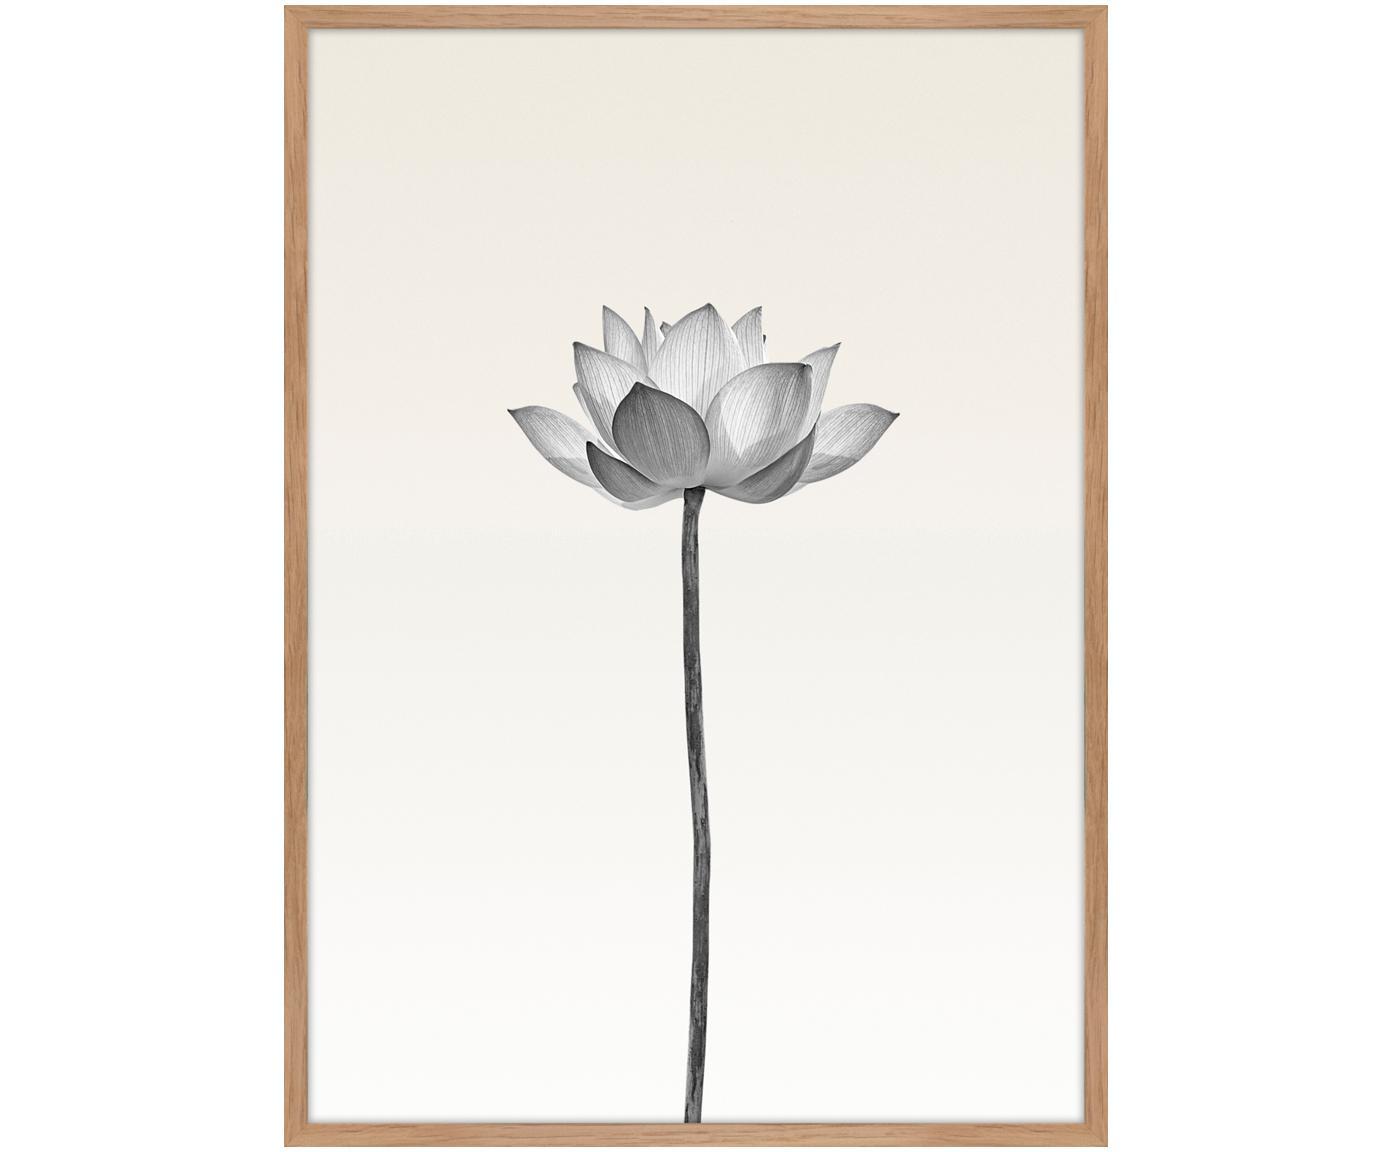 Ingelijste digitale print Lotus, Afbeelding: digitale druk op papier (, Lijst: HDF, Zwart, wit, beige, 50 x 70 cm